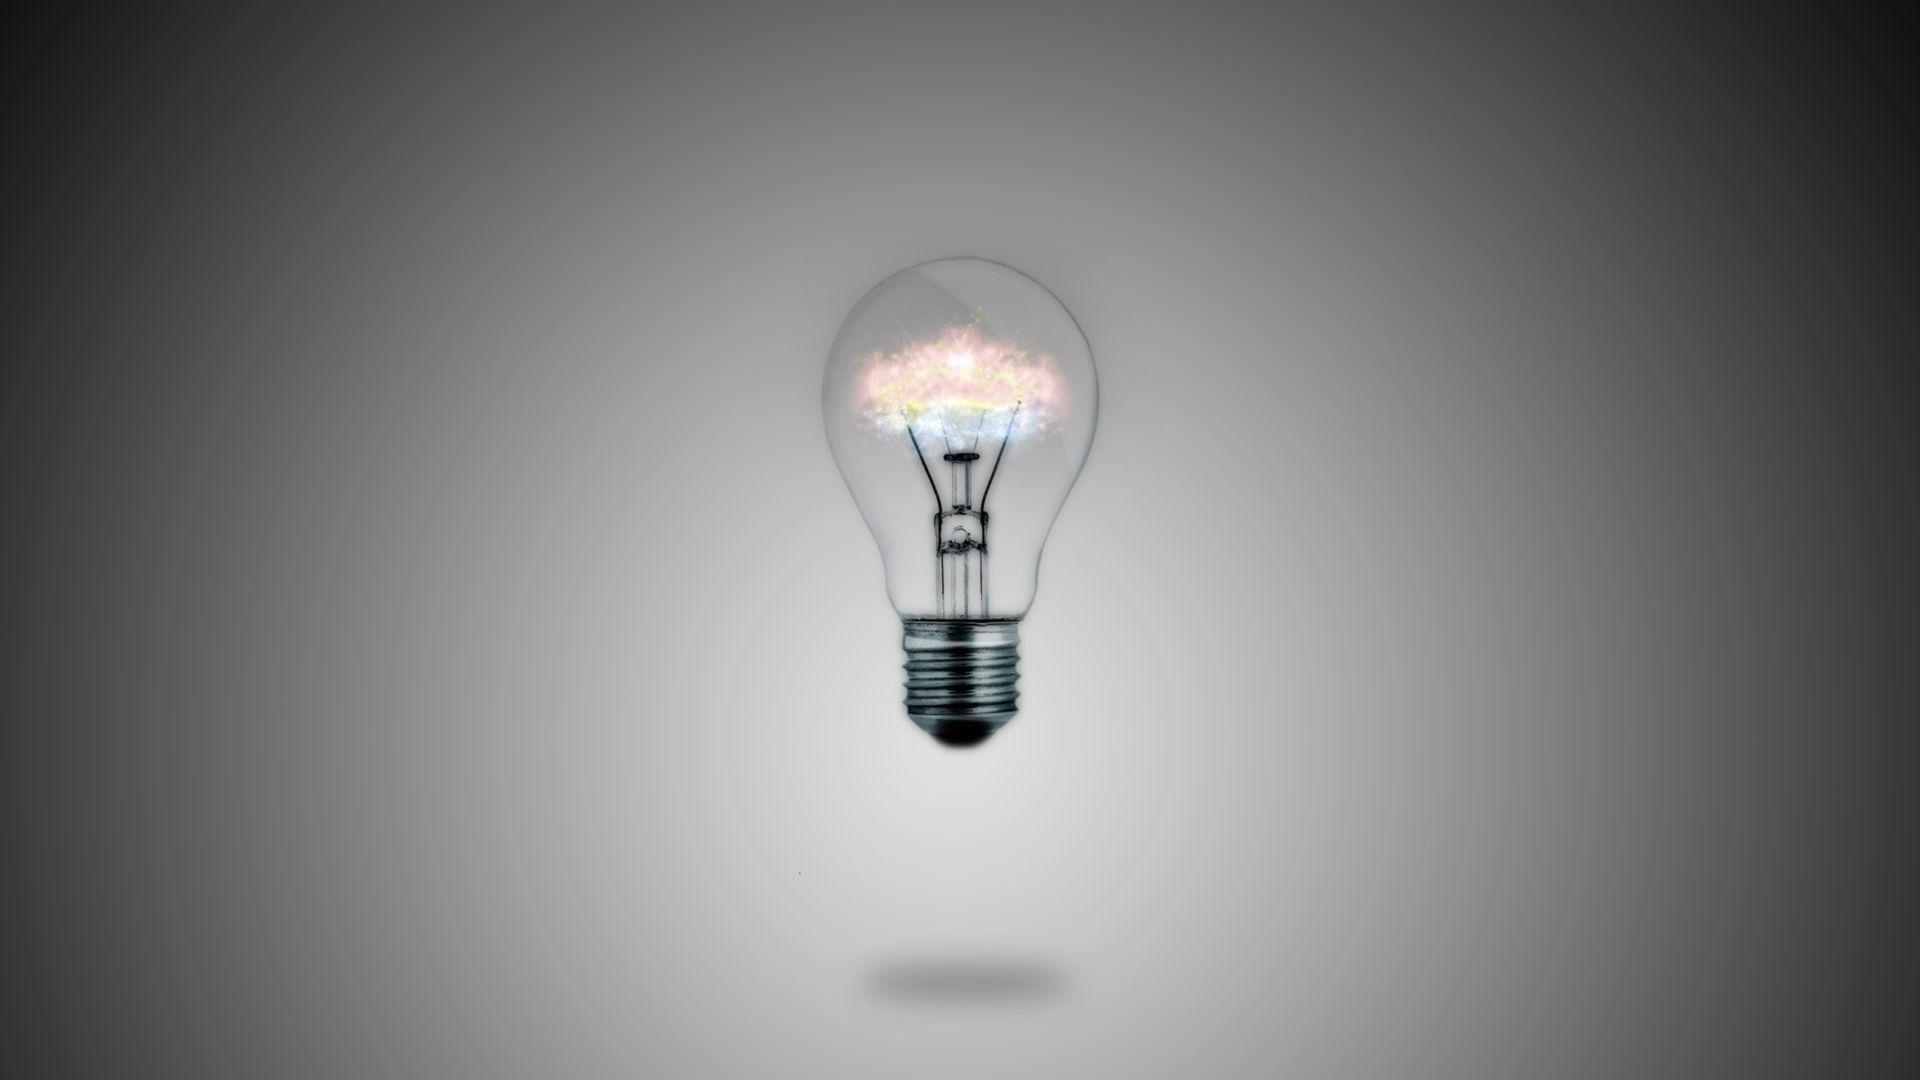 Light bulb | Light Bulbs | Pinterest | Light bulb and Wallpaper for Idea Light Bulb Wallpaper  568zmd